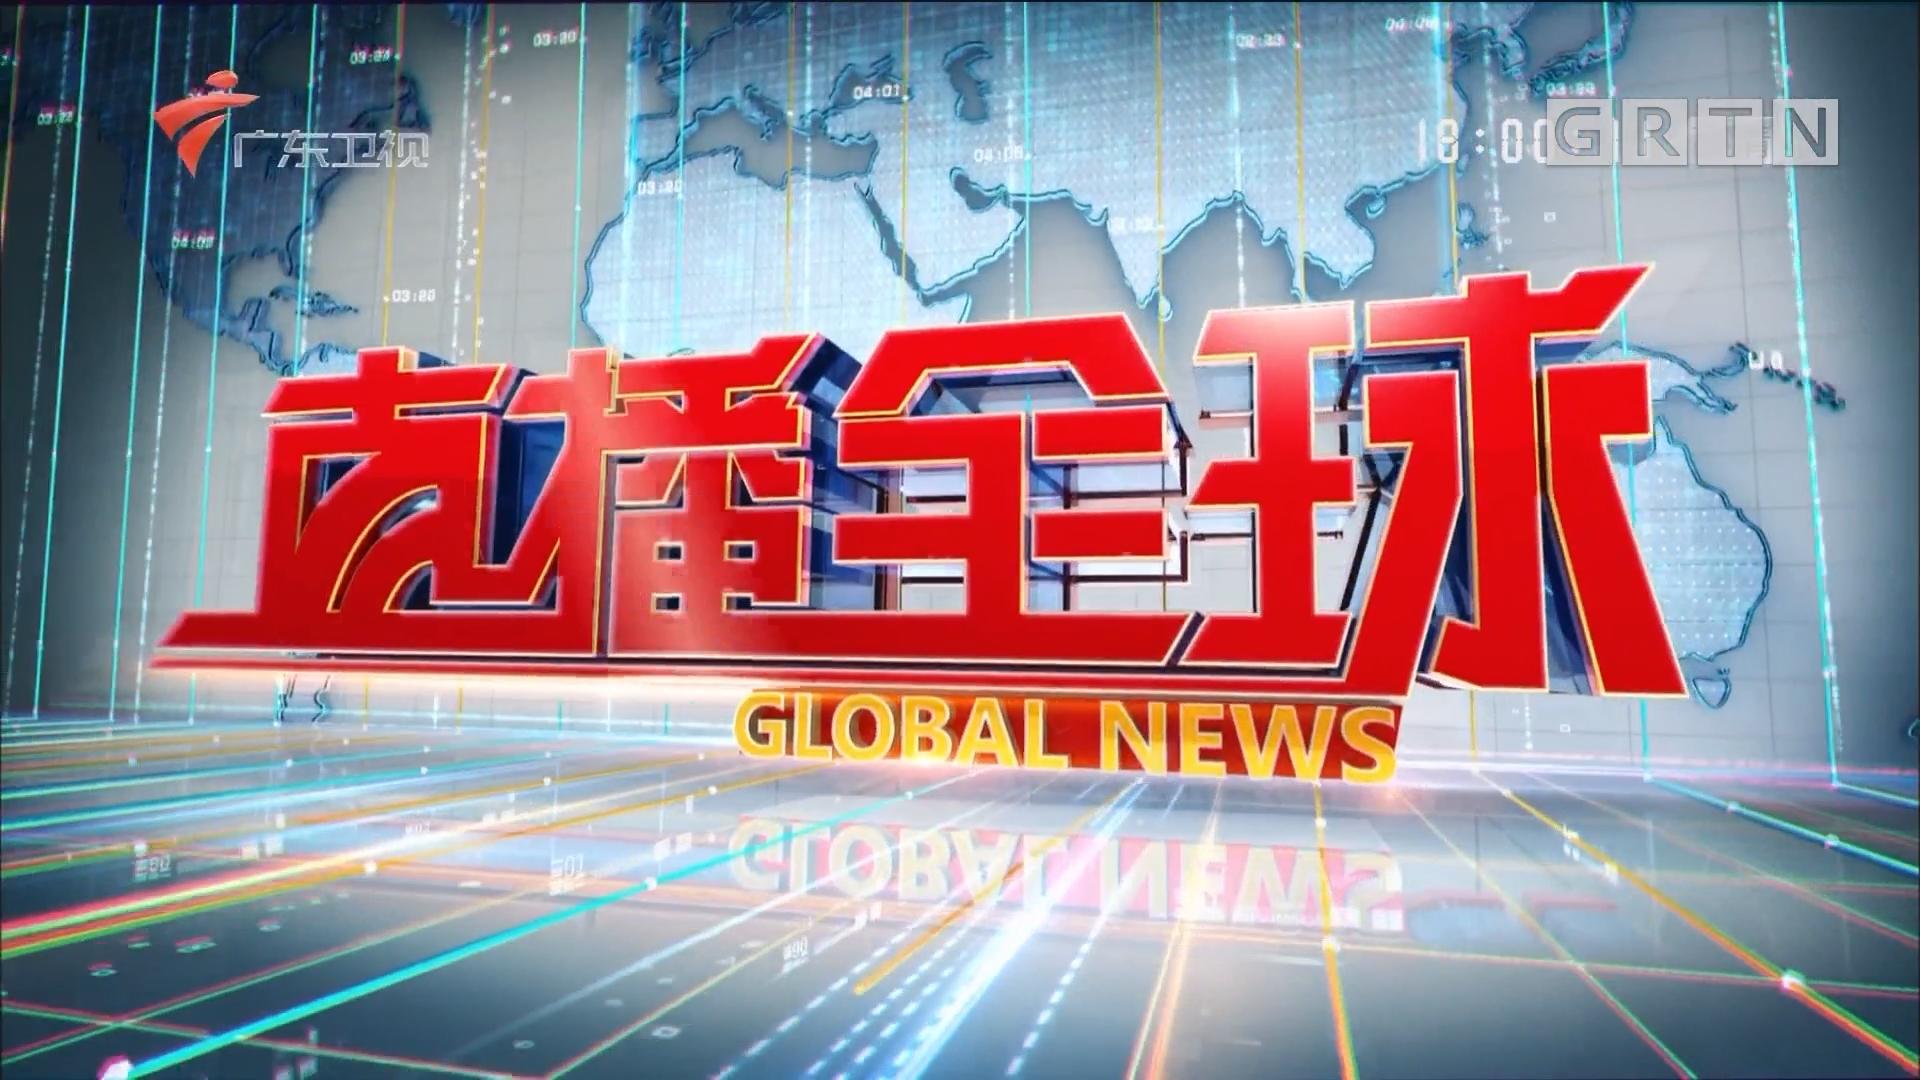 [HD][2018-03-06]直播全球:朝鲜最高领导人金正恩会见韩国特使团成员:热情握手 共进晚餐 气氛融洽